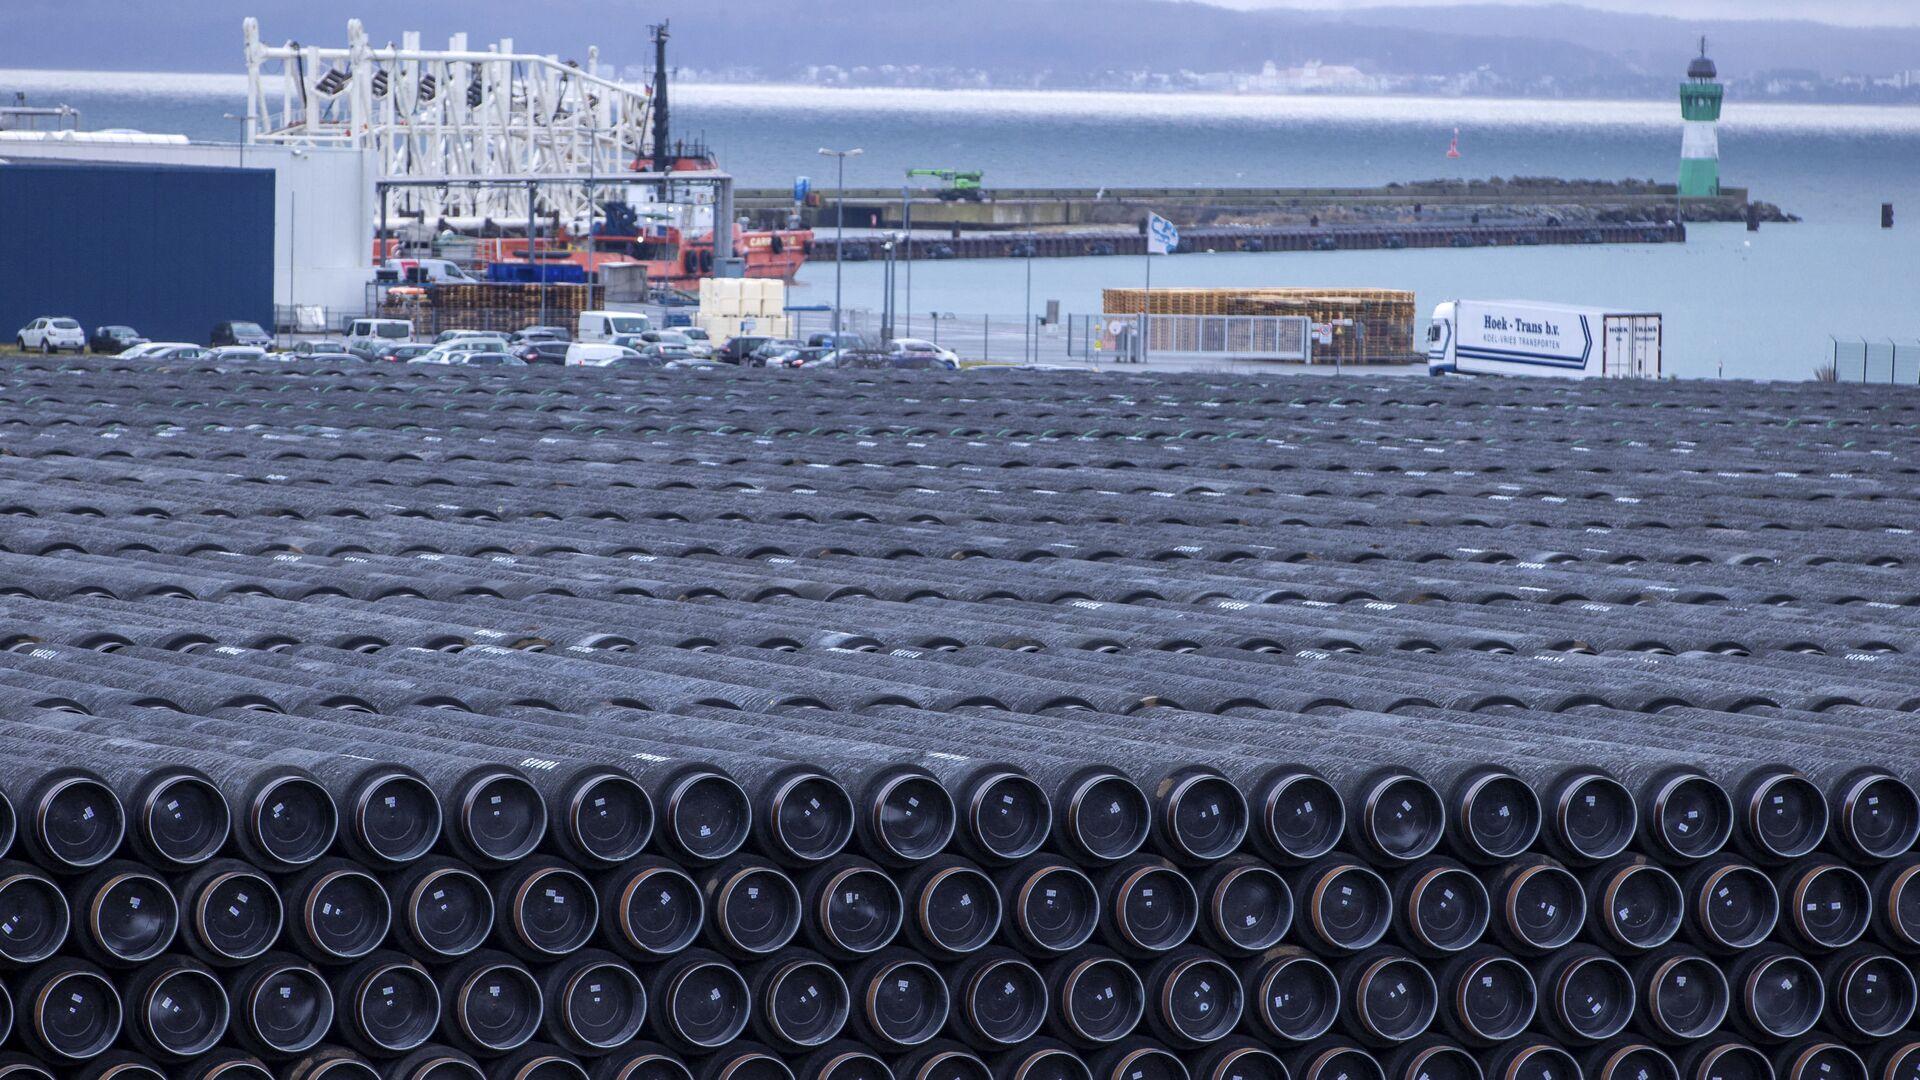 Potrubí na stavbu plynovodu Nord Stream 2 v Německu - Sputnik Česká republika, 1920, 15.04.2021